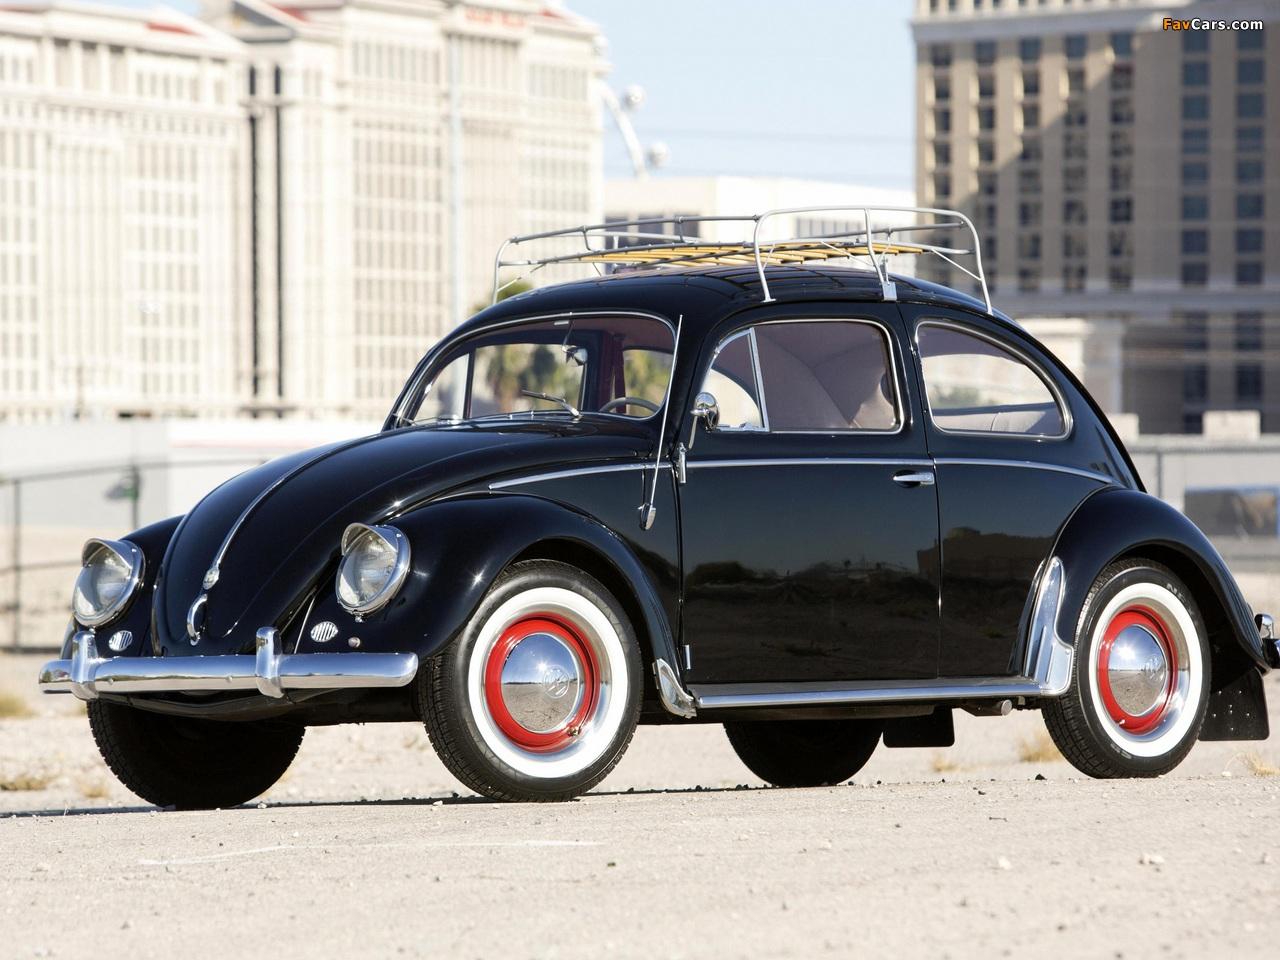 Volkswagen Beetle North America 1954 pictures (1280 x 960)